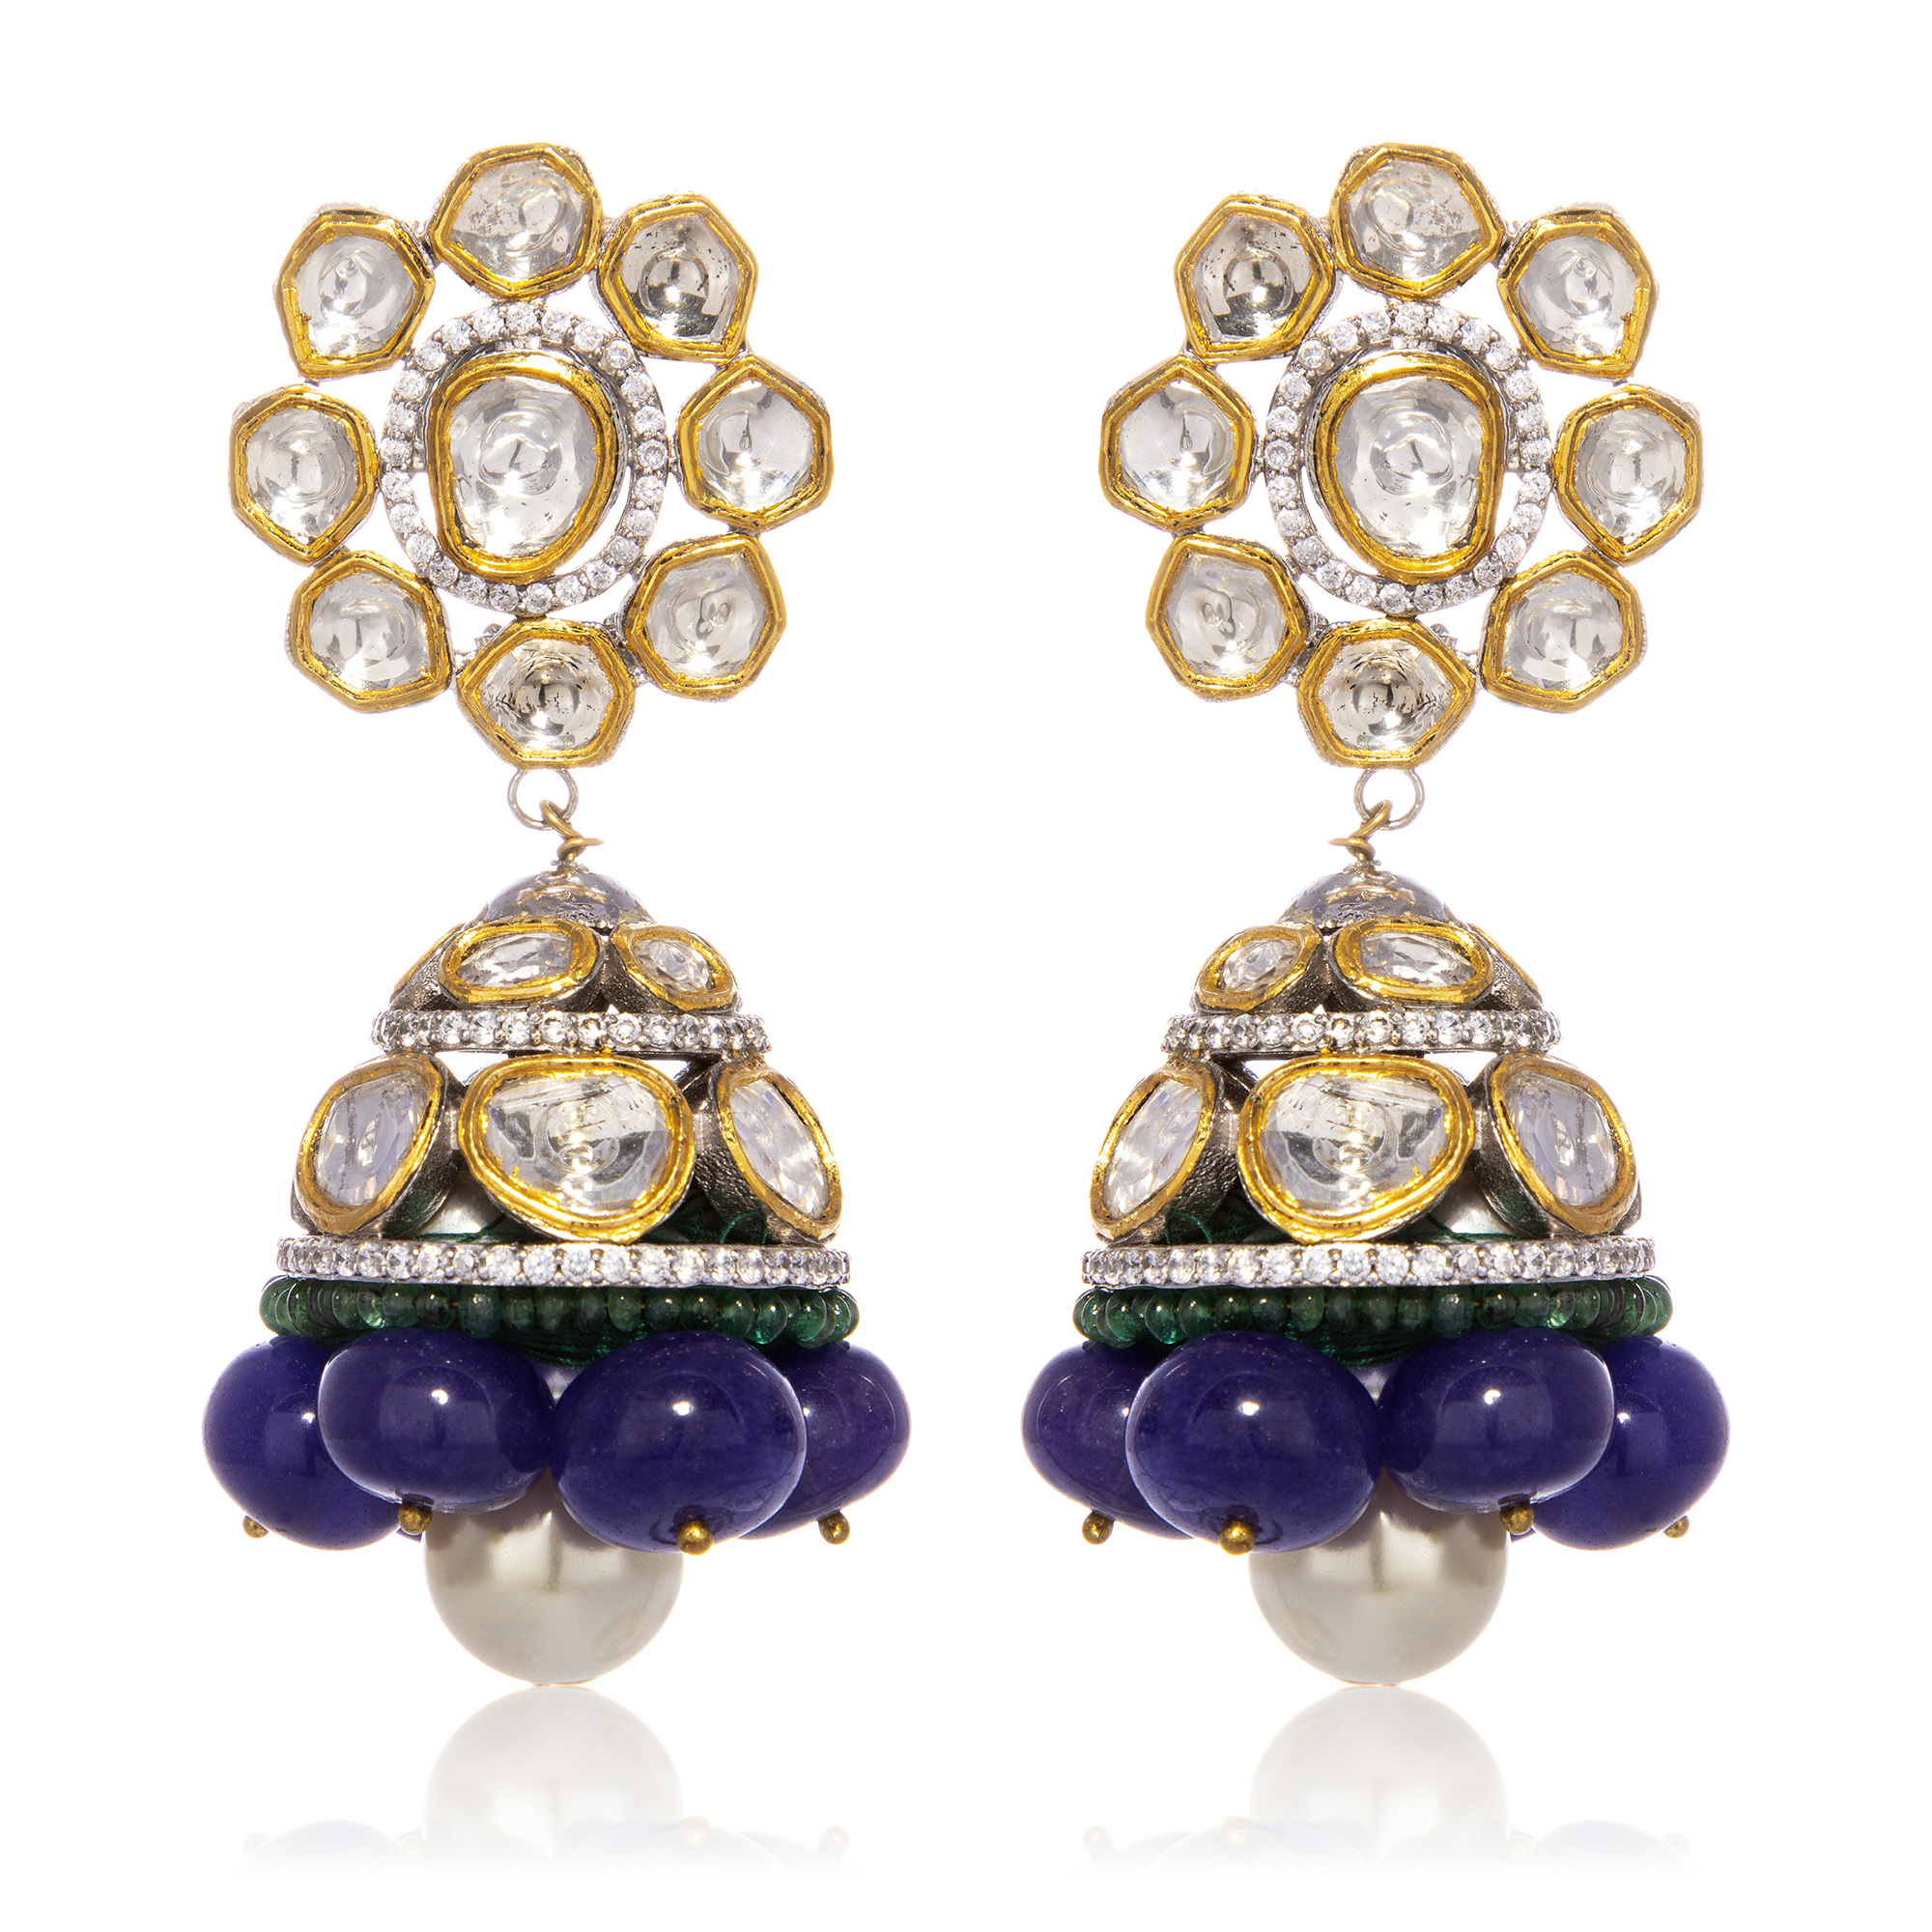 22k-gold-earrings